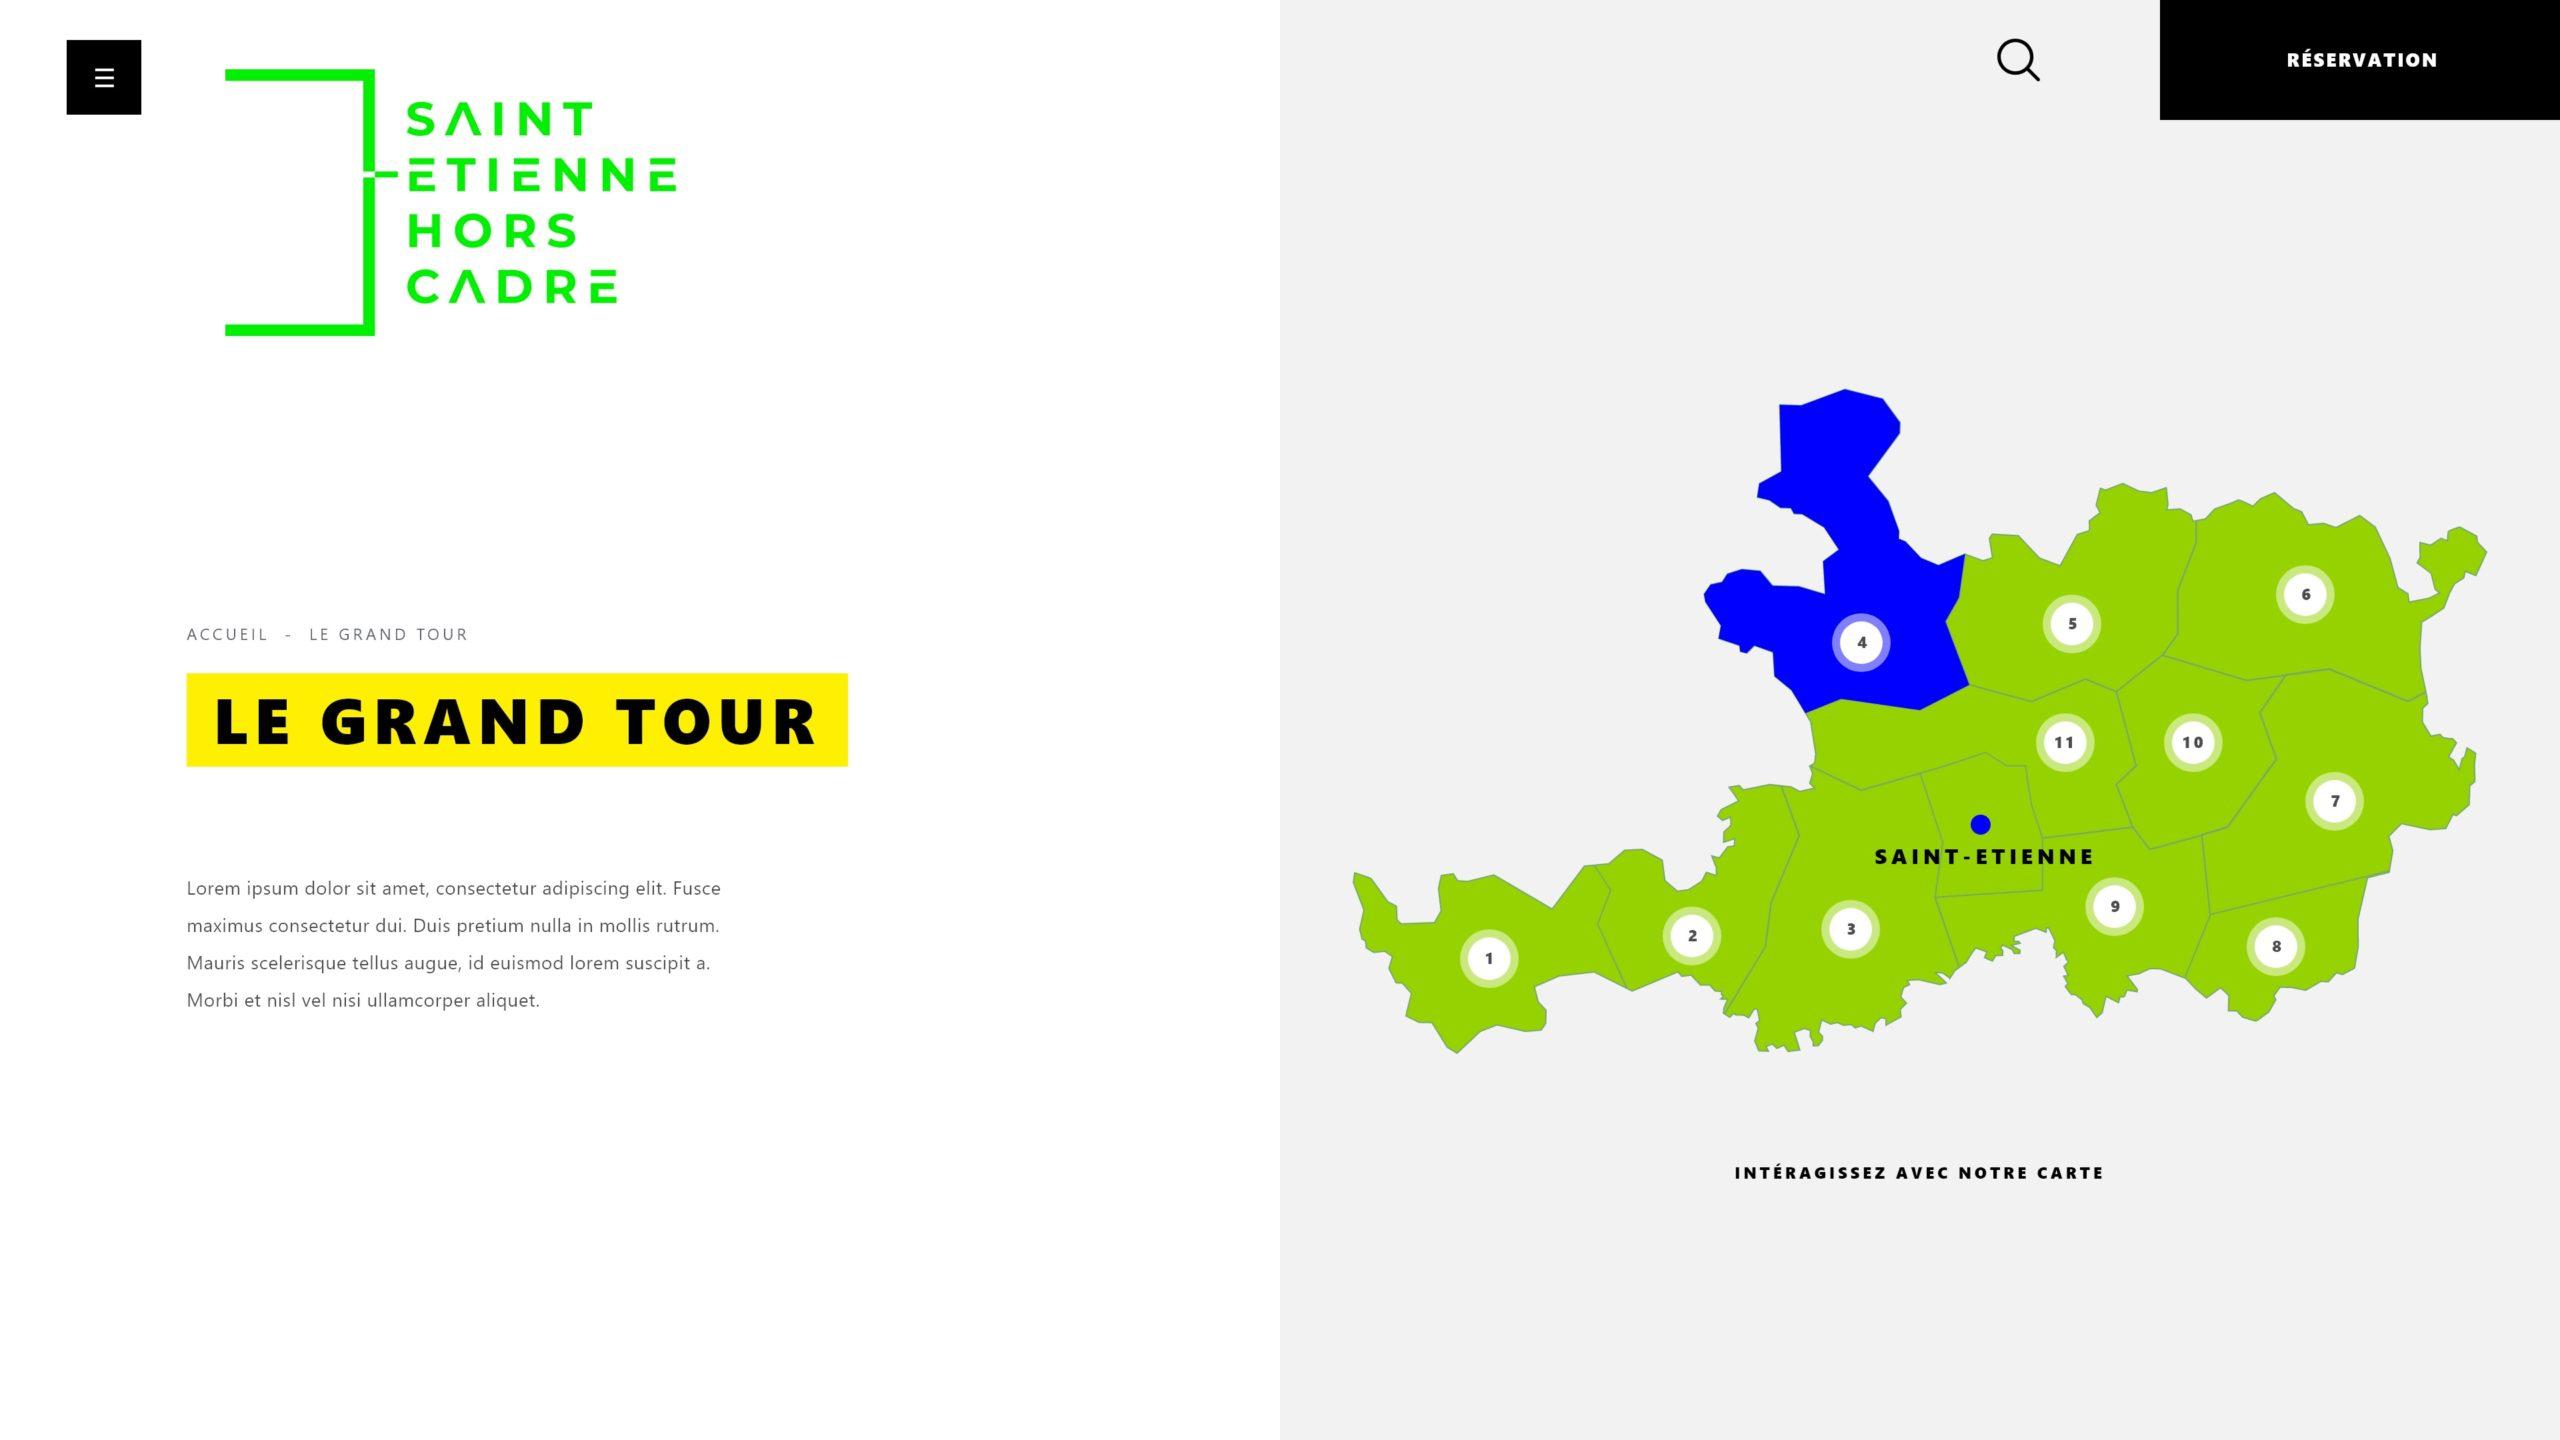 Illustration représentant une carte interractive de Saint-Etienne et sa région